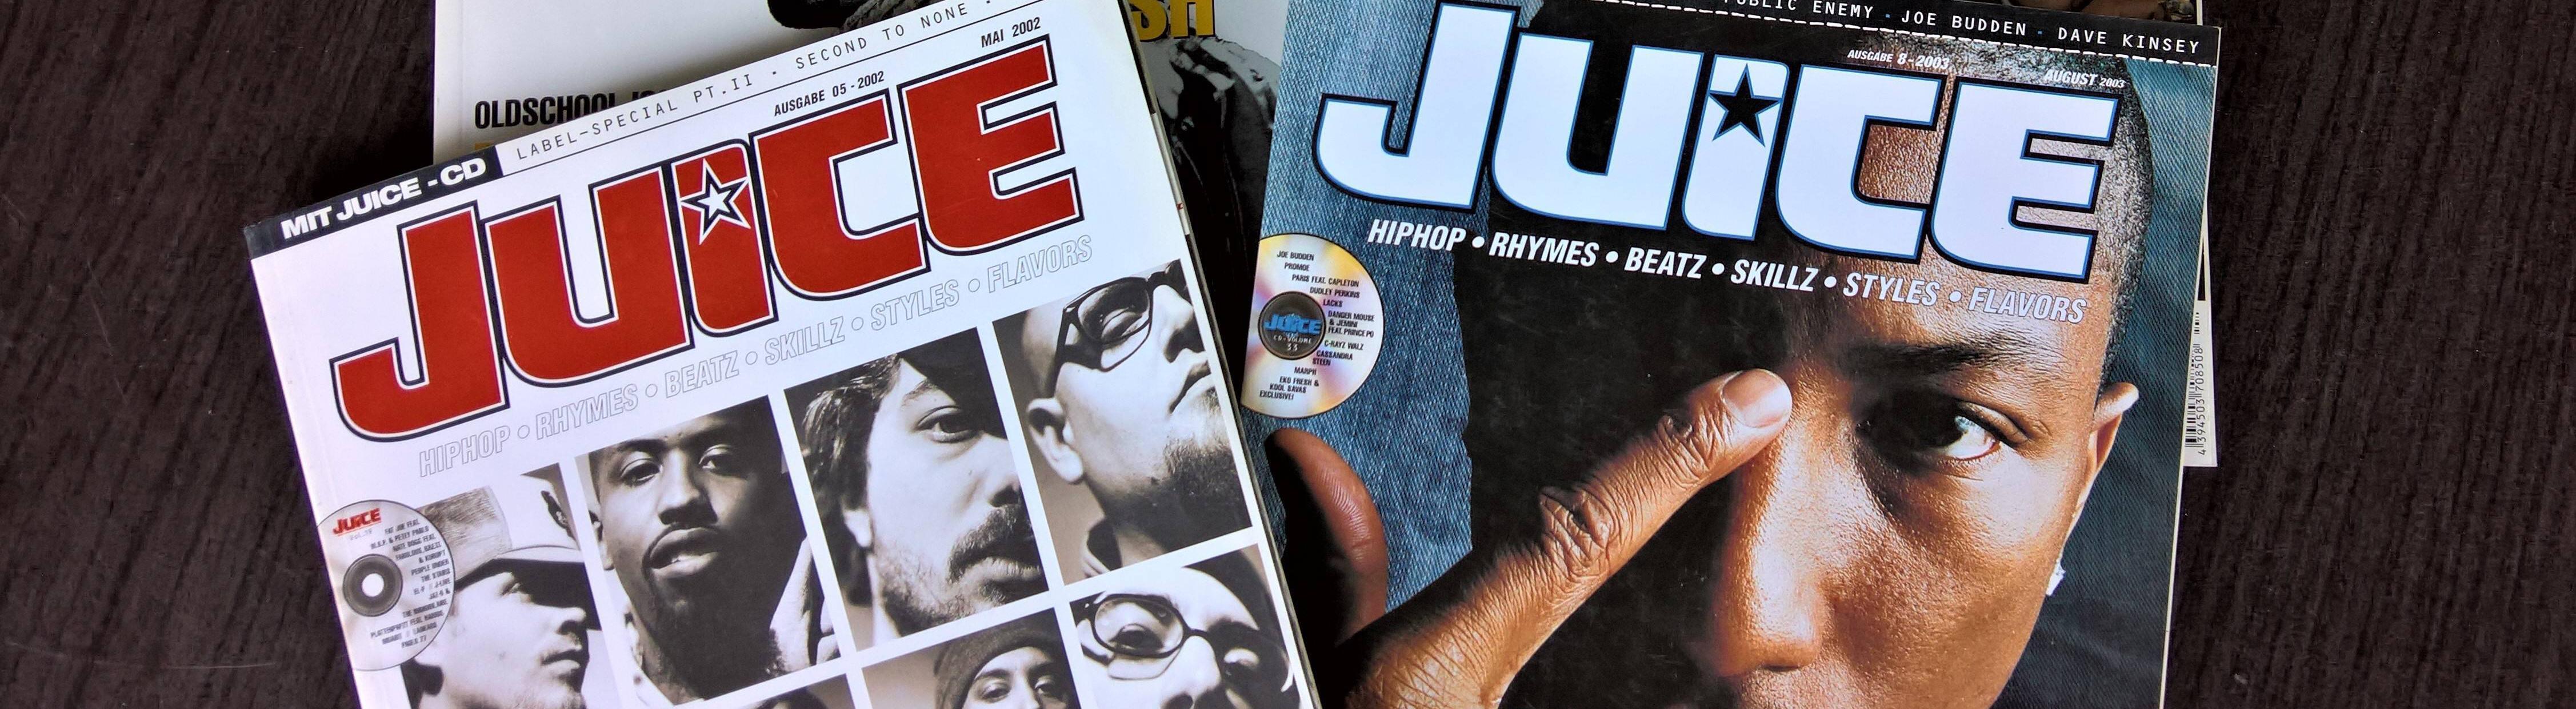 Juice ist ein deutsches Hip-Hop-Magazin. Die Zeitschrift erscheint sechsmal pro Jahr im Verlag Piranha Media. Das Blatt wurde 1997 gegruendet